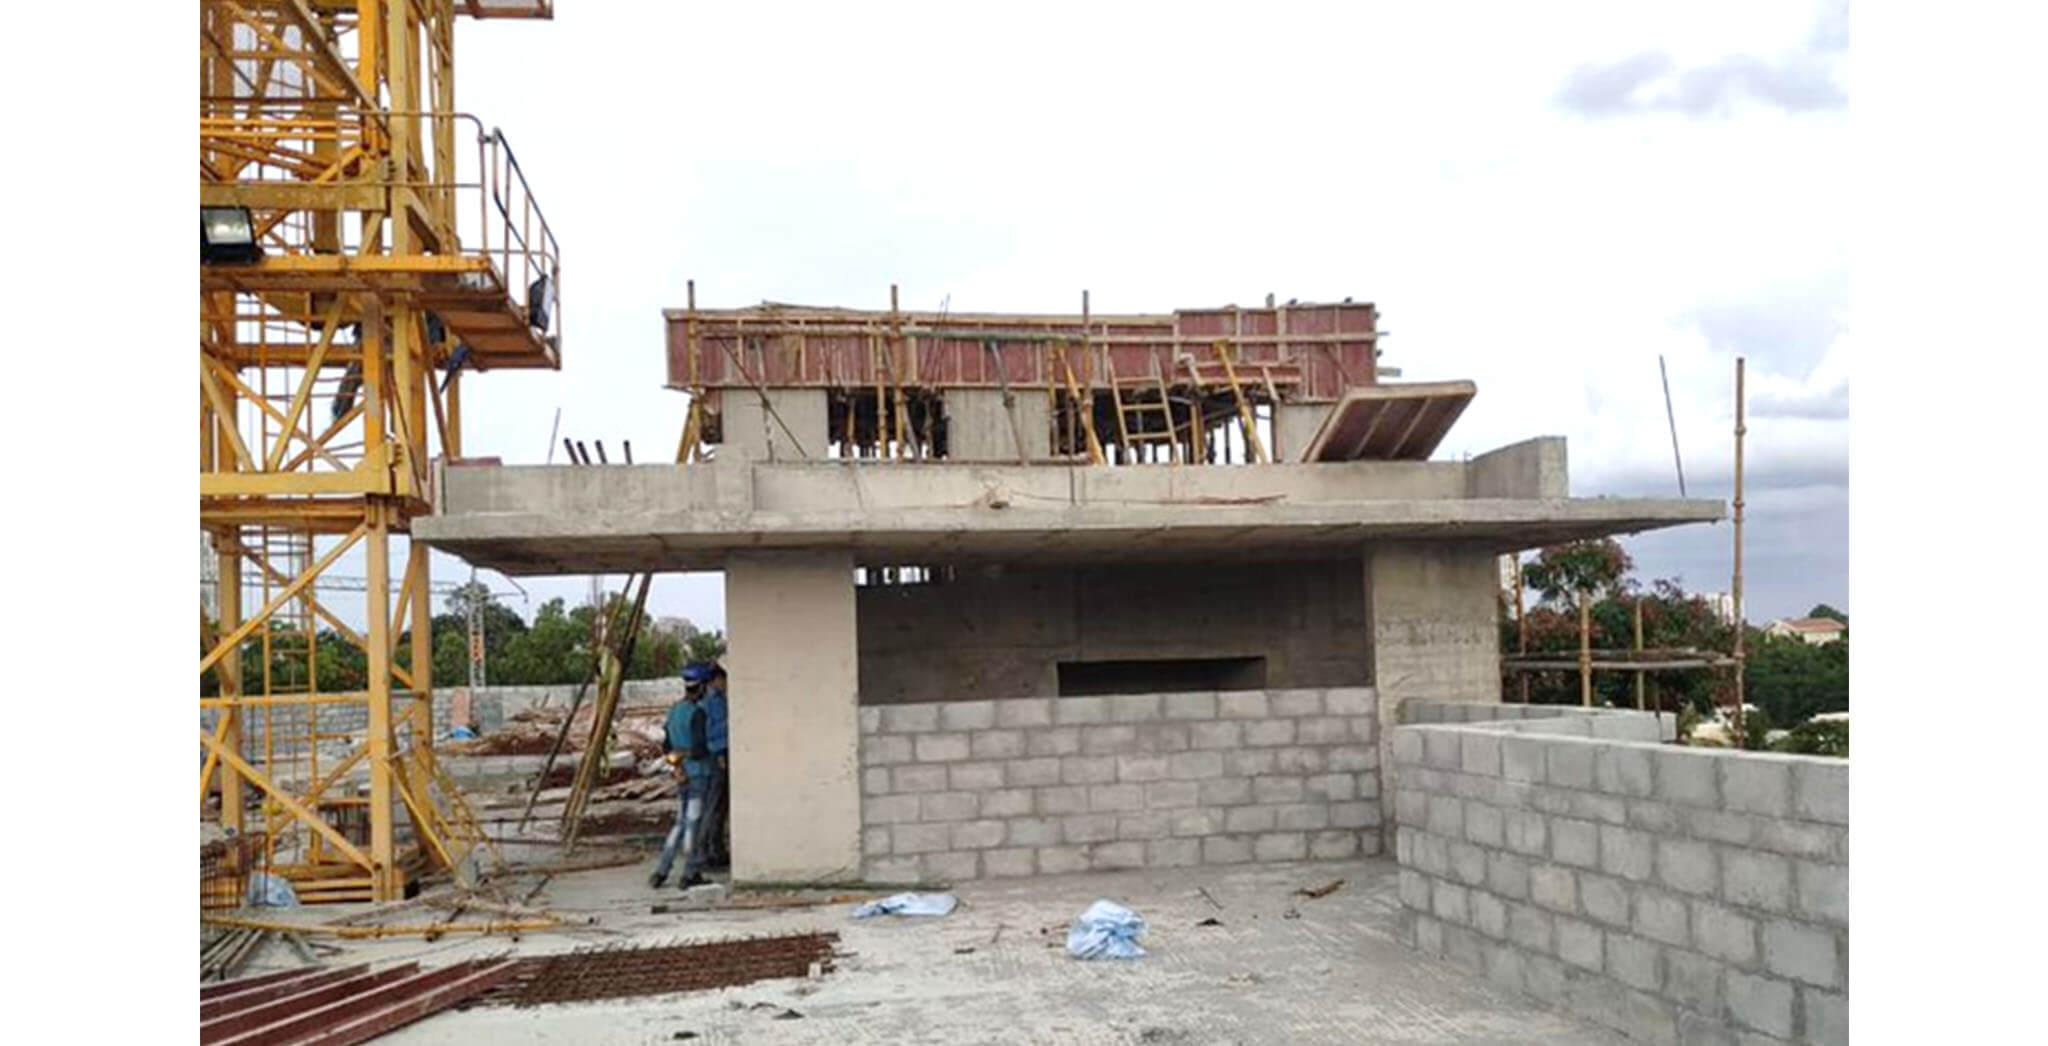 Jun 2020 - K Block: Above Terrace floor LMR top slab concreting completed; Block work completed up to 4th floor; Internal plastering work completed up to 3rd floor; 4th floor water proofing work-in-progress.